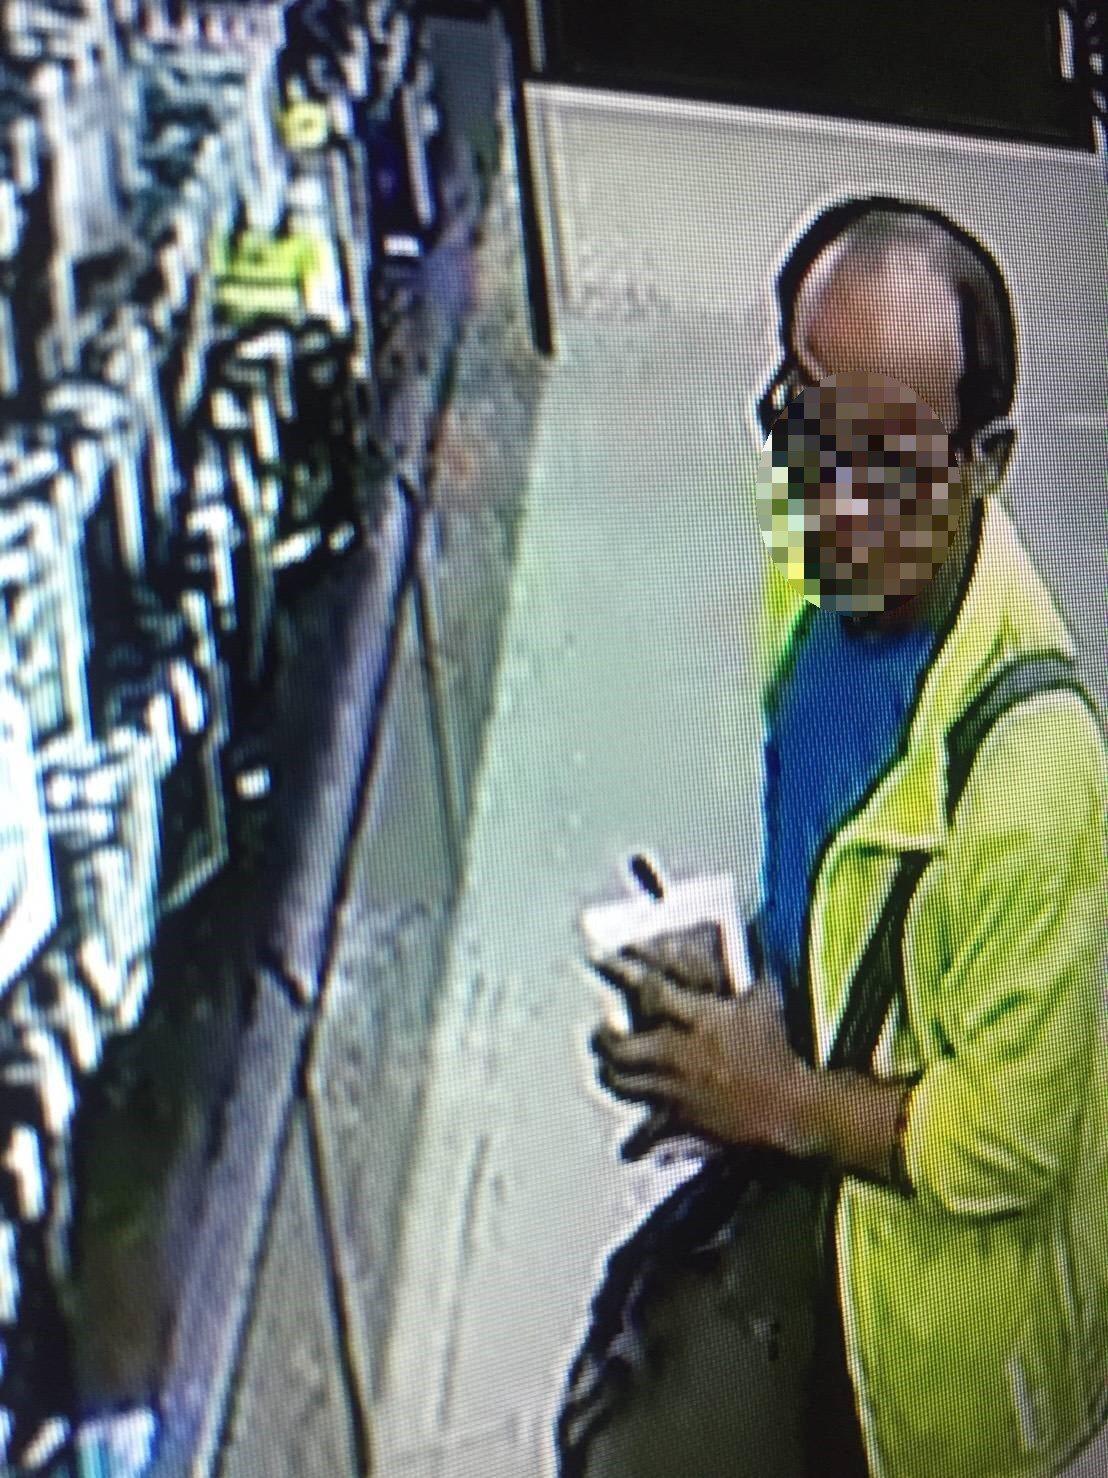 許姓男子日前在中西區連鎖大賣場涉行竊,也因禿頭特徵太好認,經警方比對畫面,他也只...